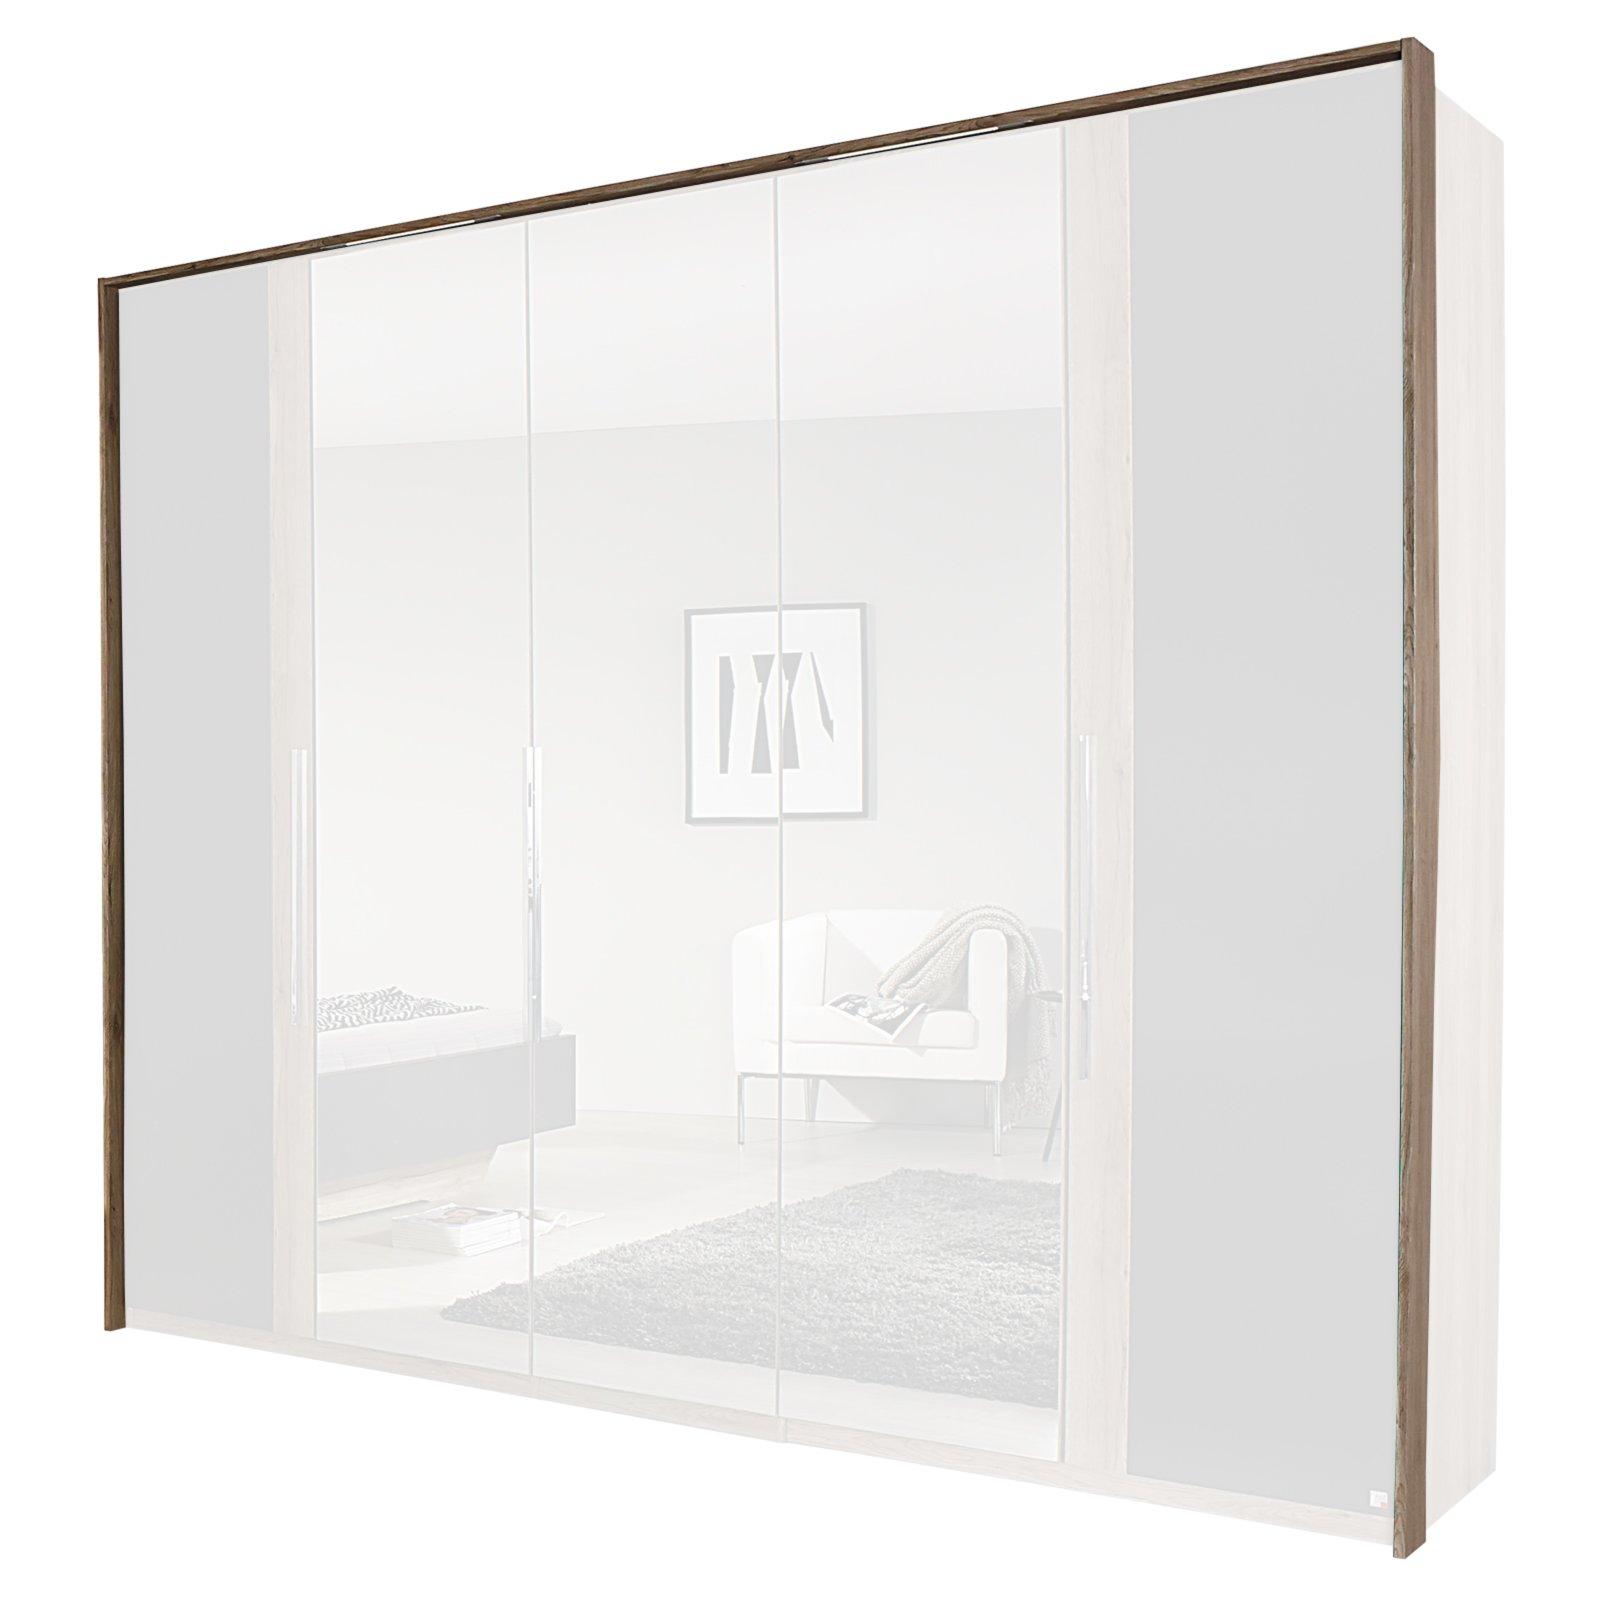 passepartout rahmen calinda eiche sanremo schlafzimmer calinda schlafzimmerprogramme. Black Bedroom Furniture Sets. Home Design Ideas